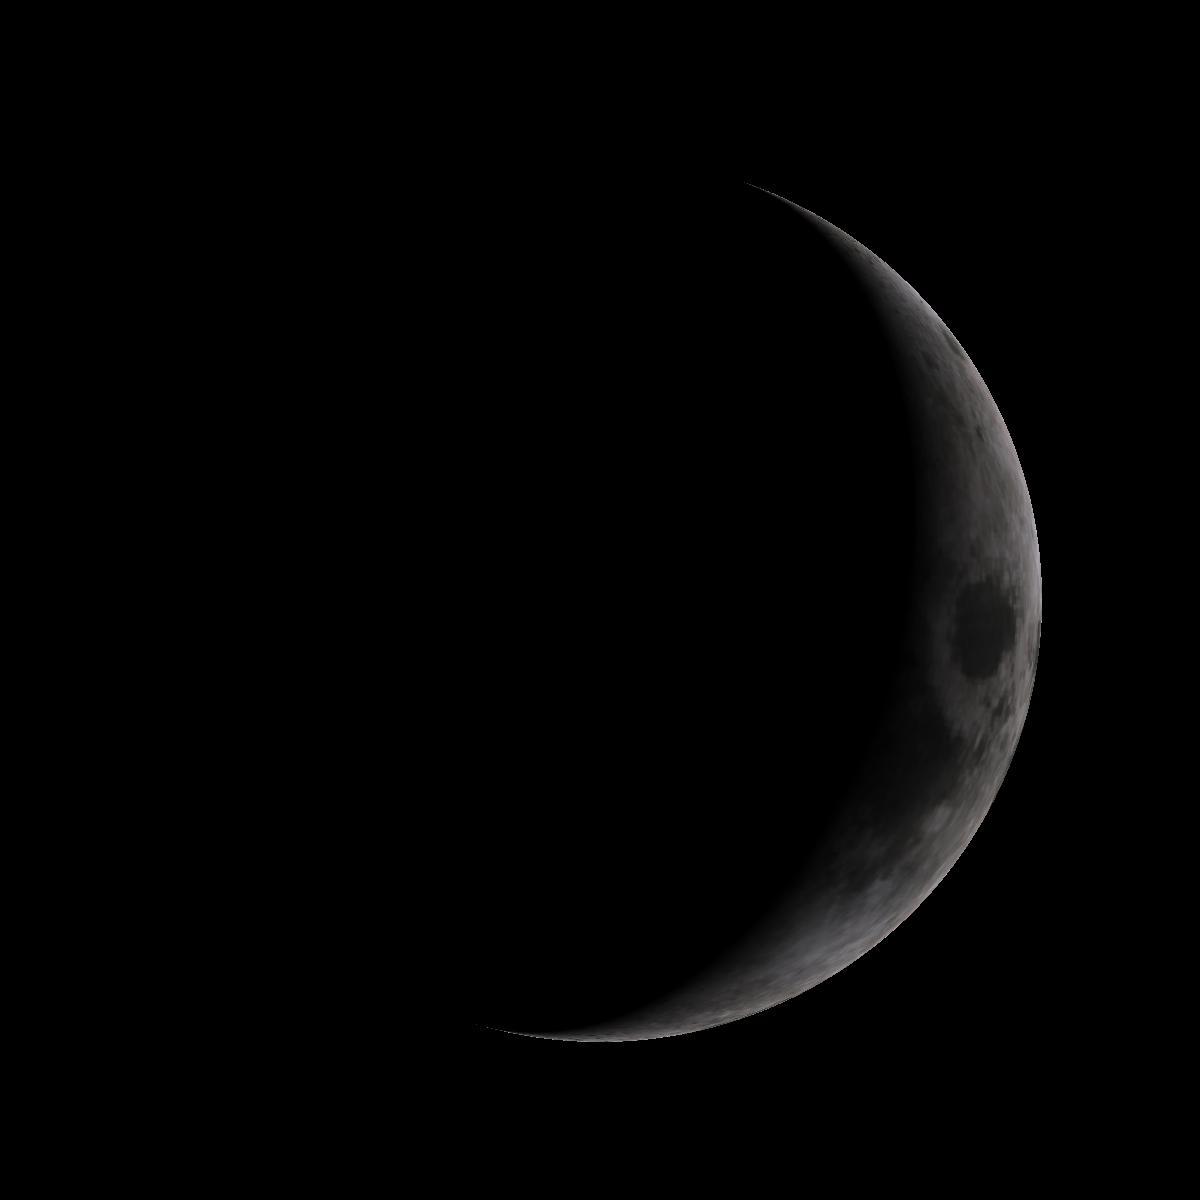 Lune du 28 février 2020